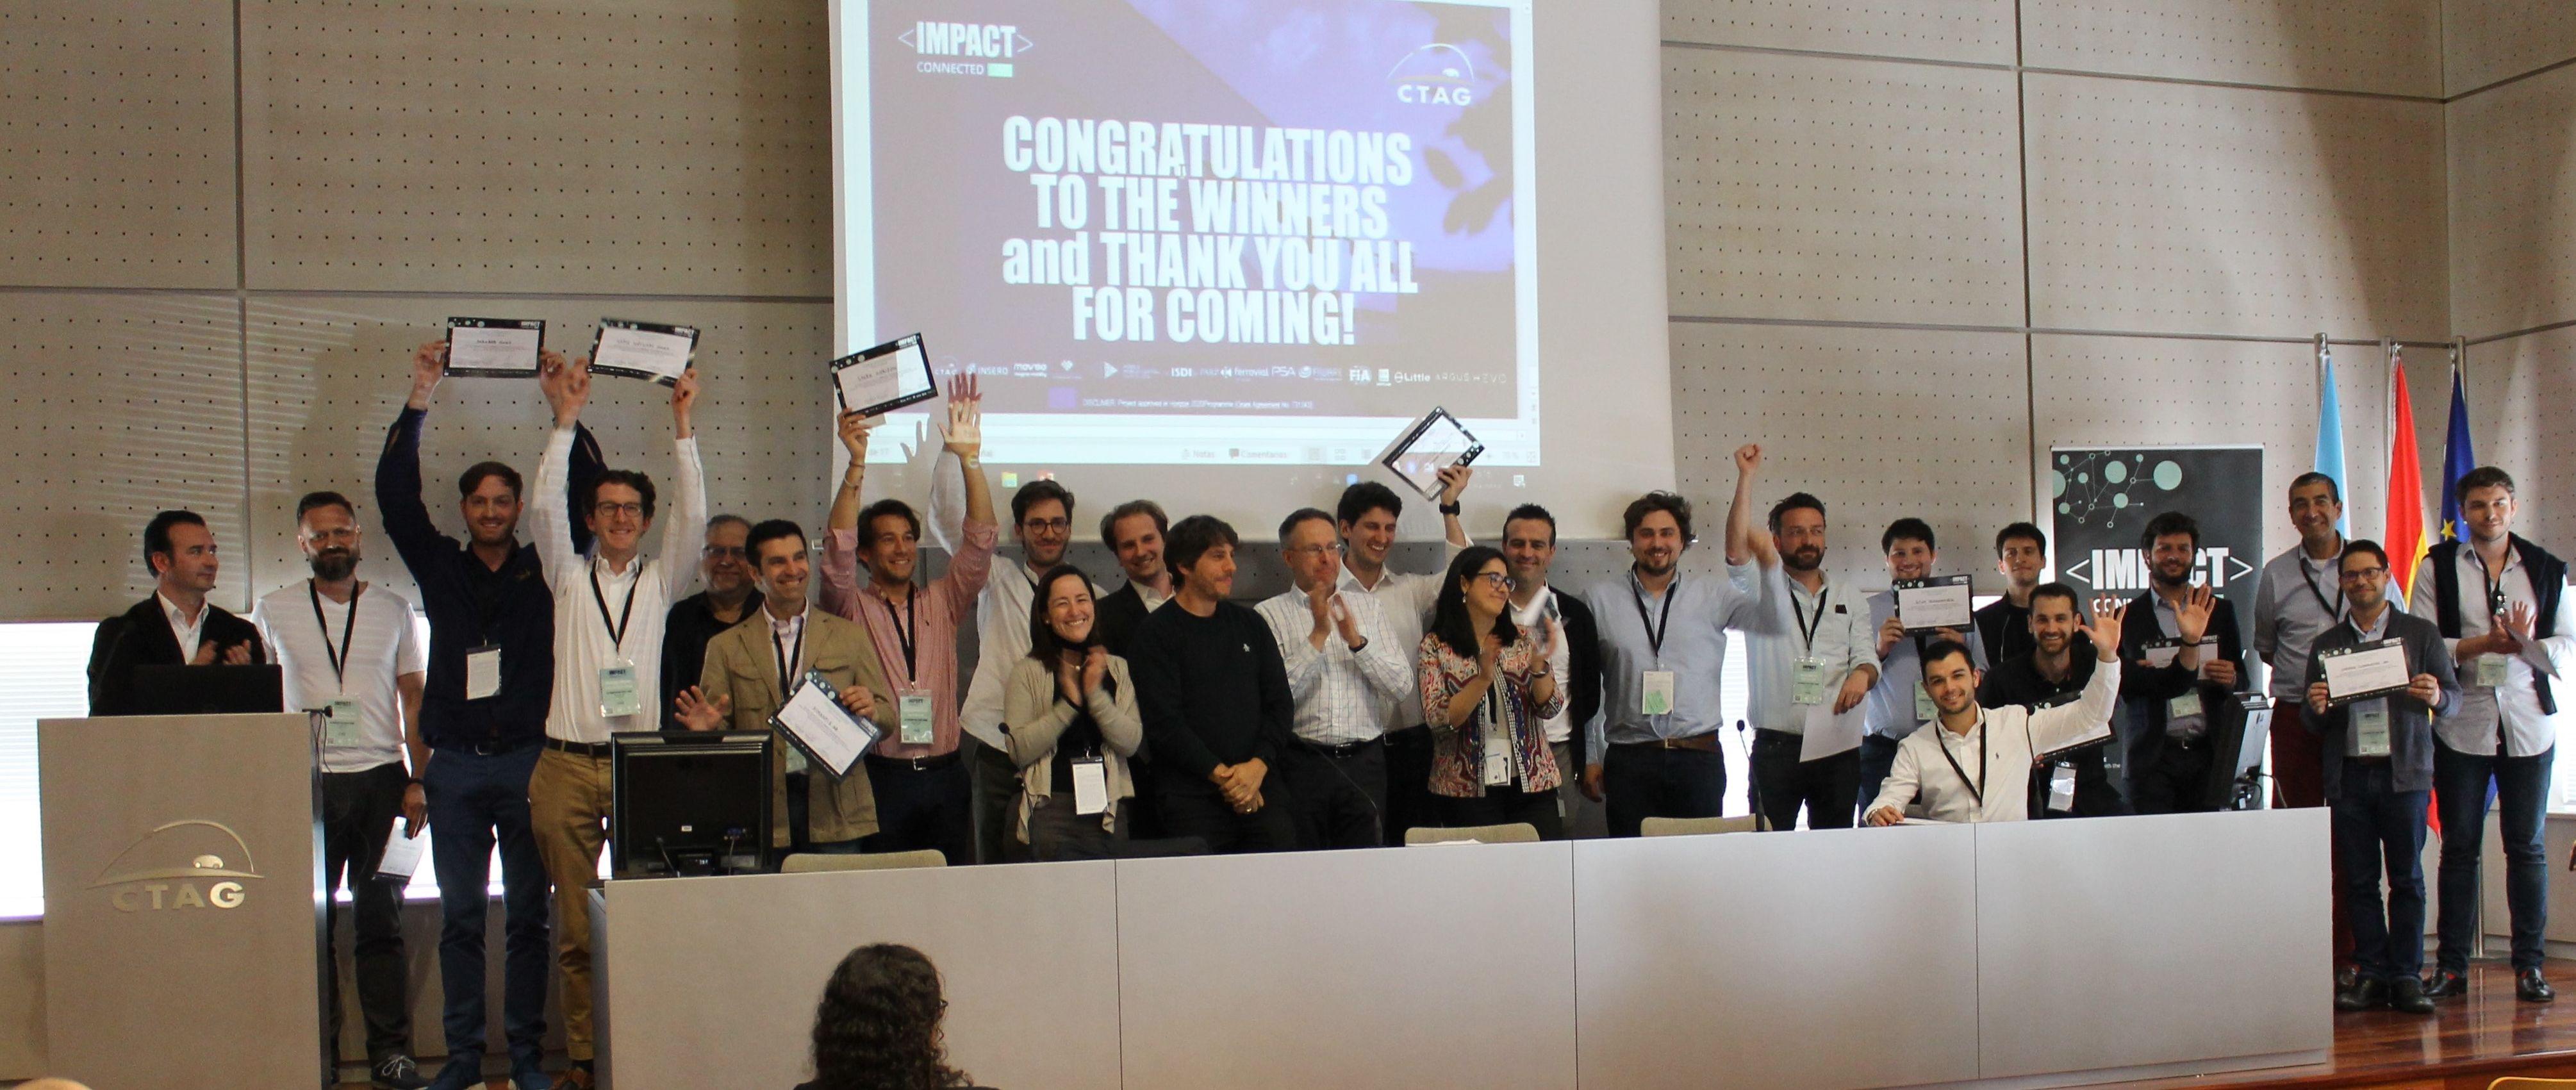 Startups ganadoras del Disruptive Bootcamp celebrado en CTAG